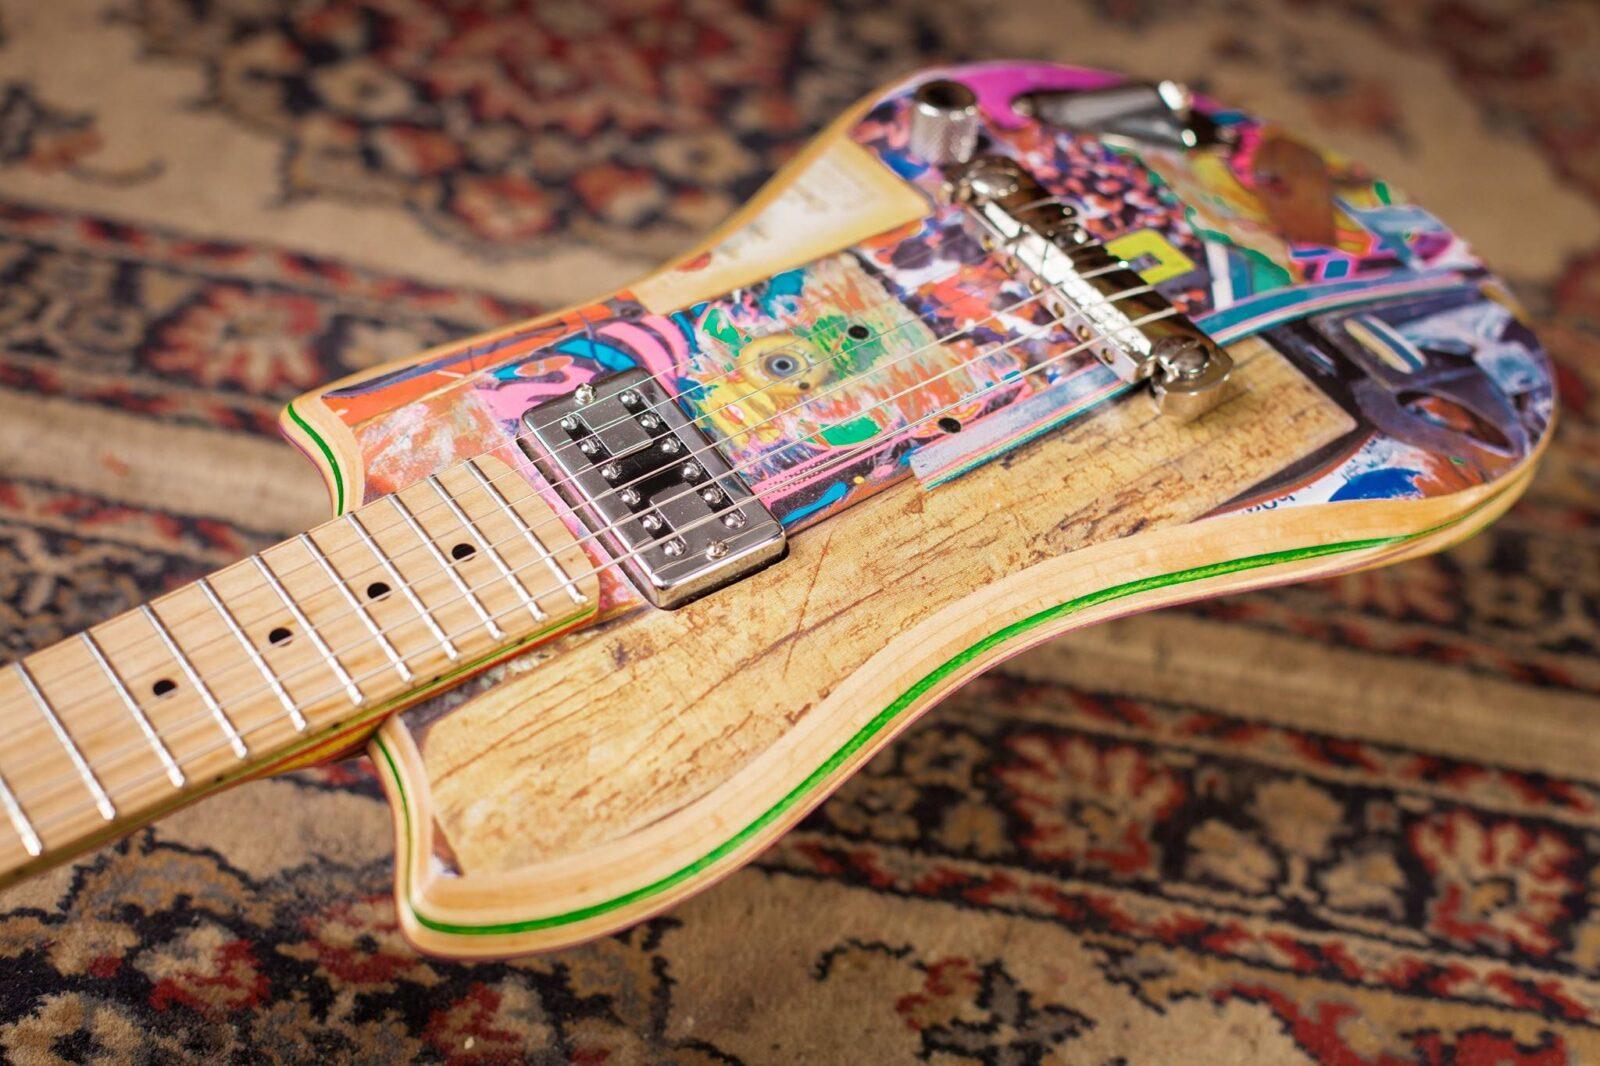 Гитары из скейтбордов: музыка на гребне скорости